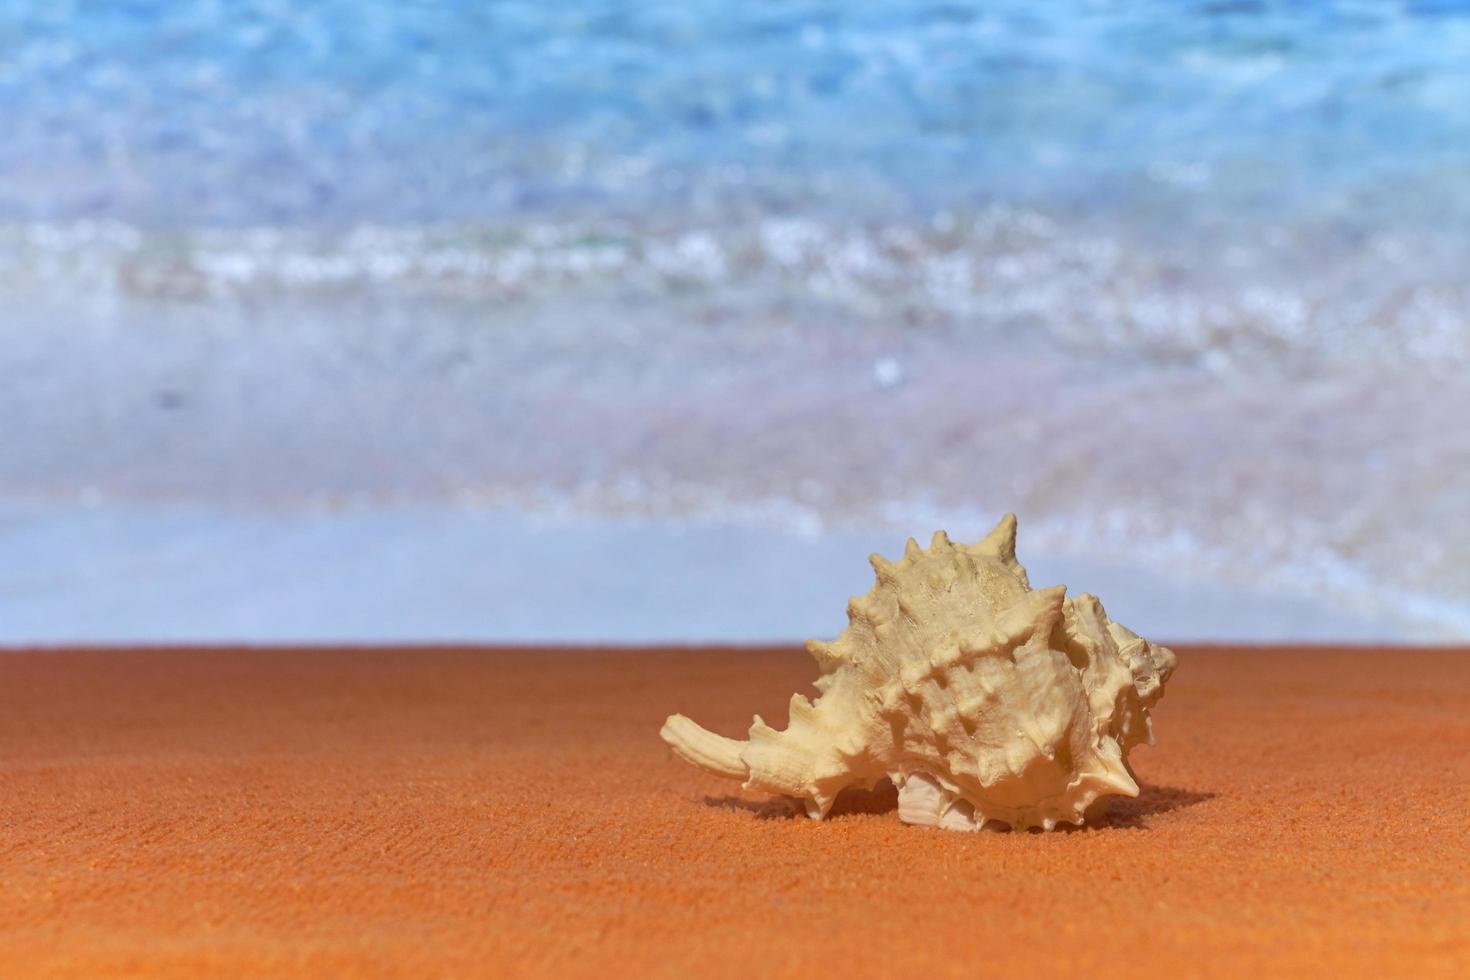 una concha al sol con el mar borroso en el fondo. foto